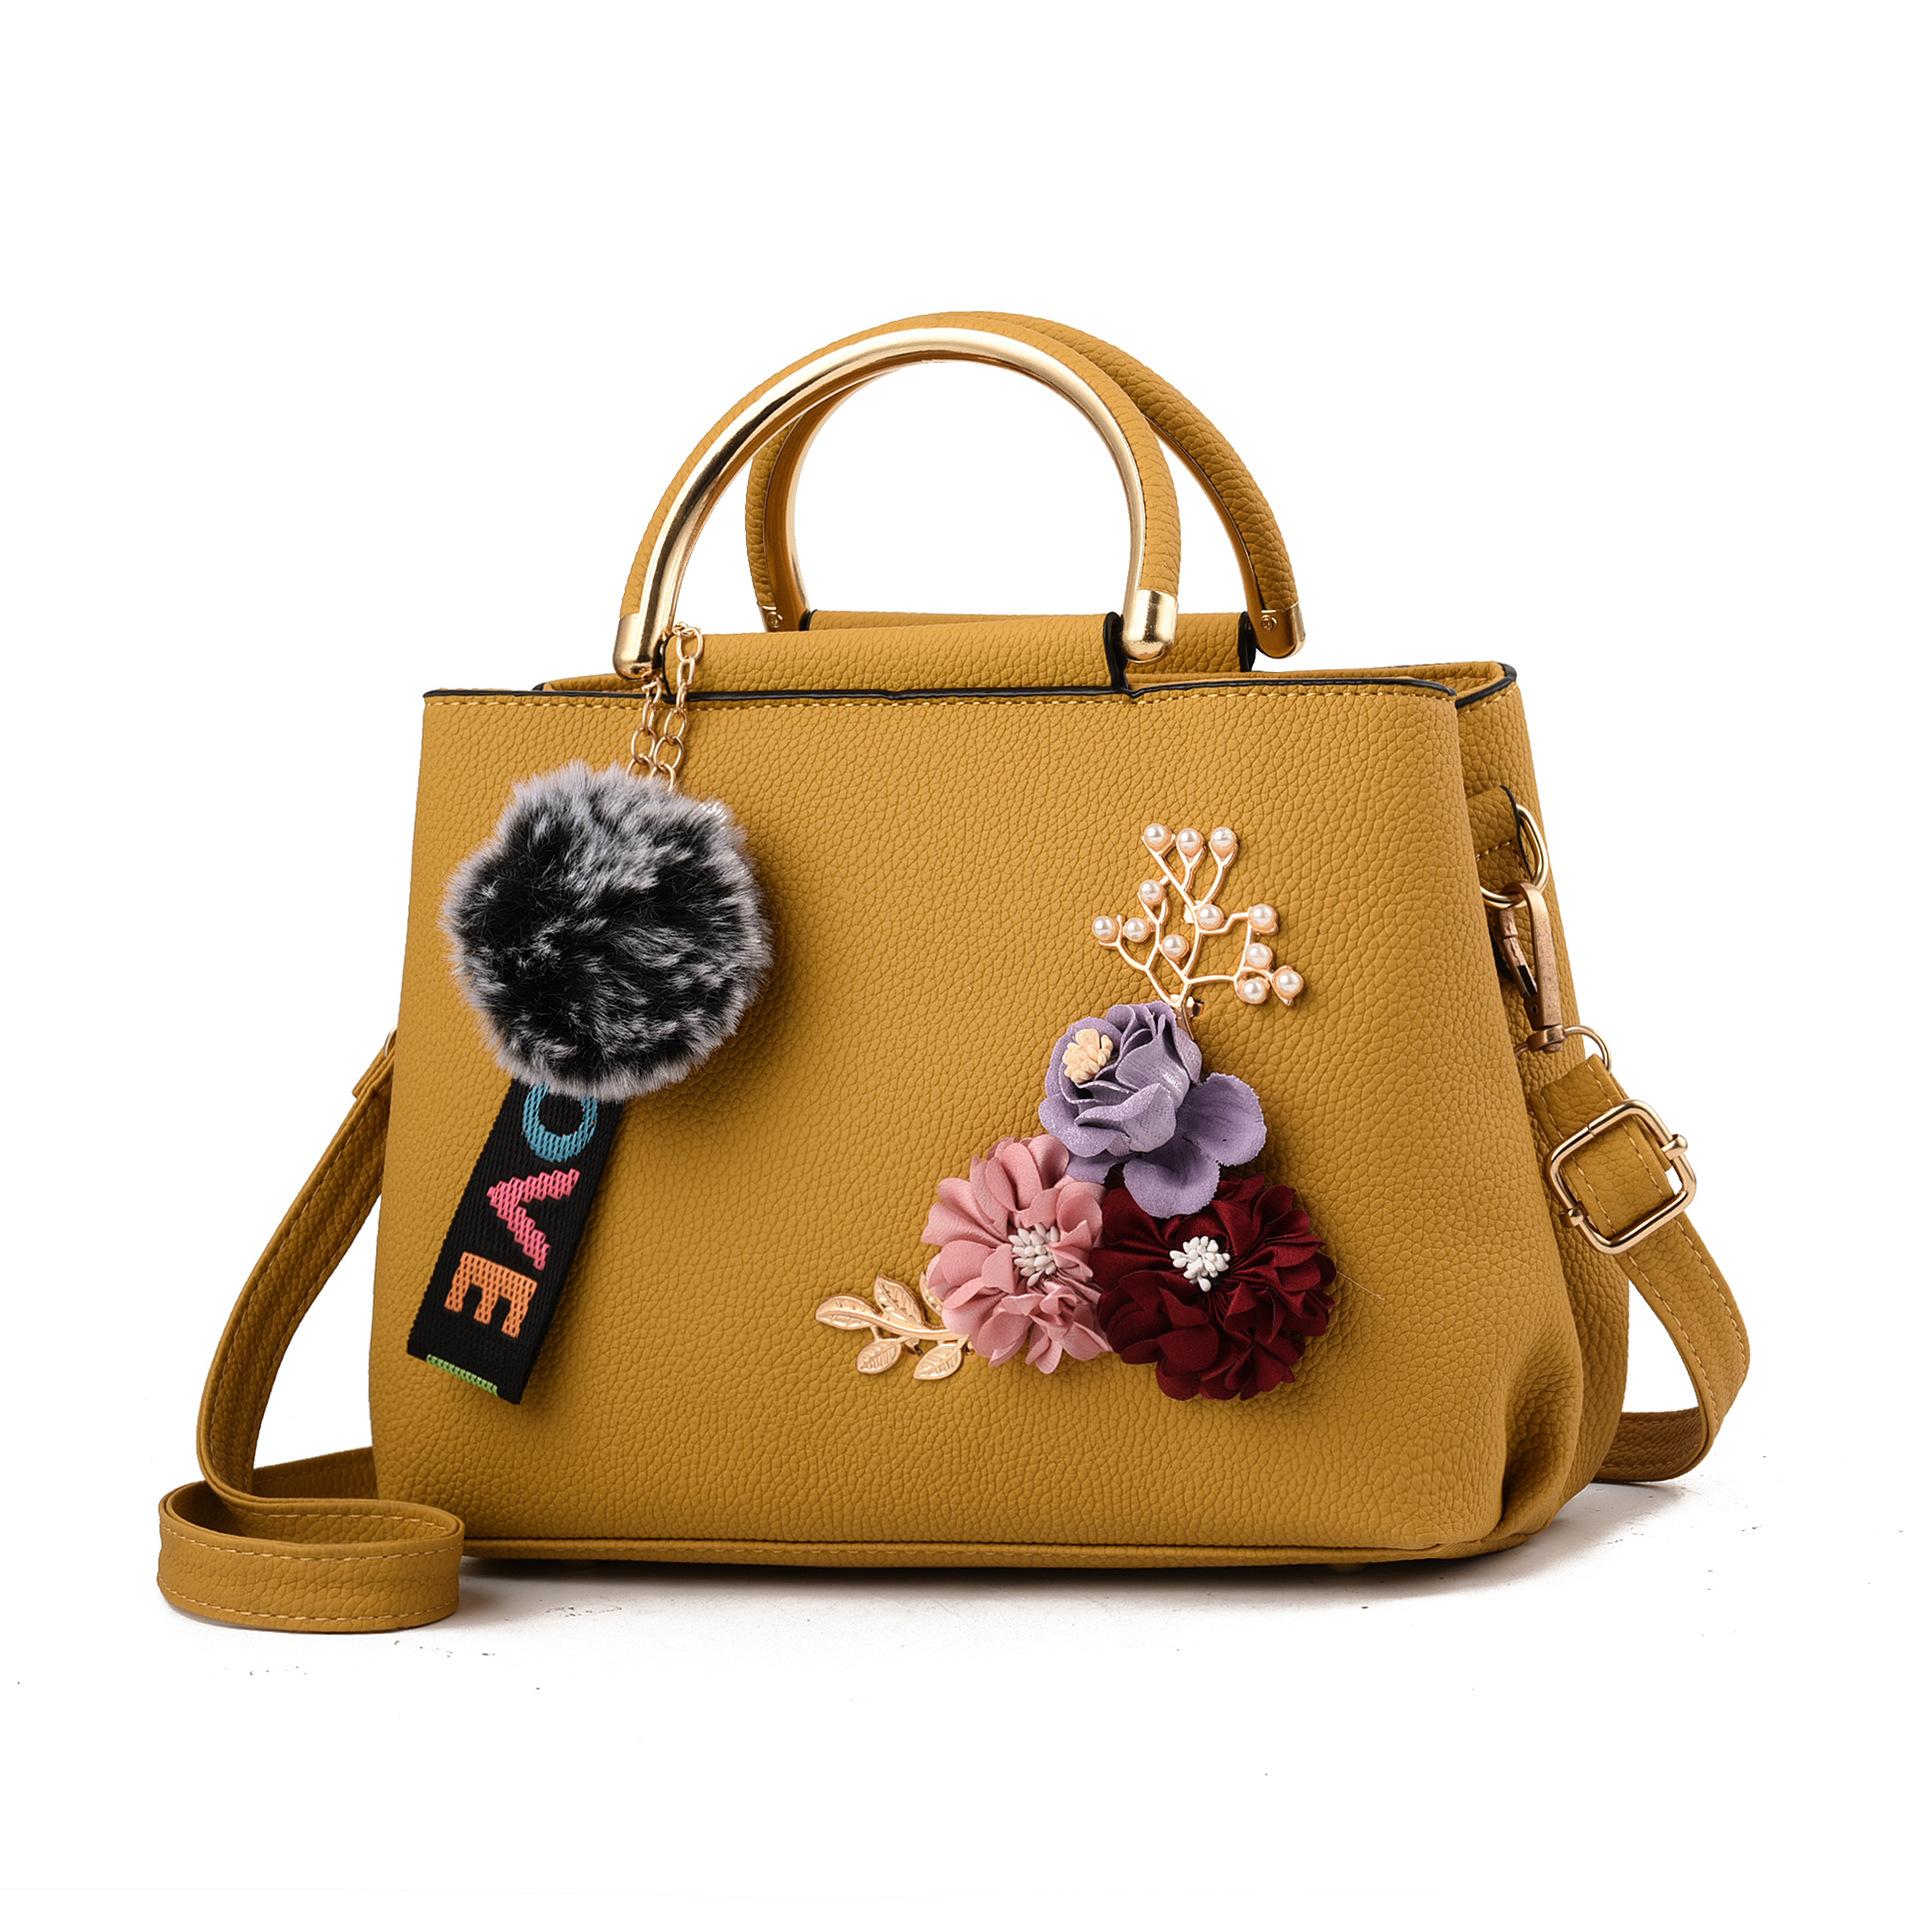 新款斜挎包袋休闲花朵女士包袋热销女包箱包男包皮具包手